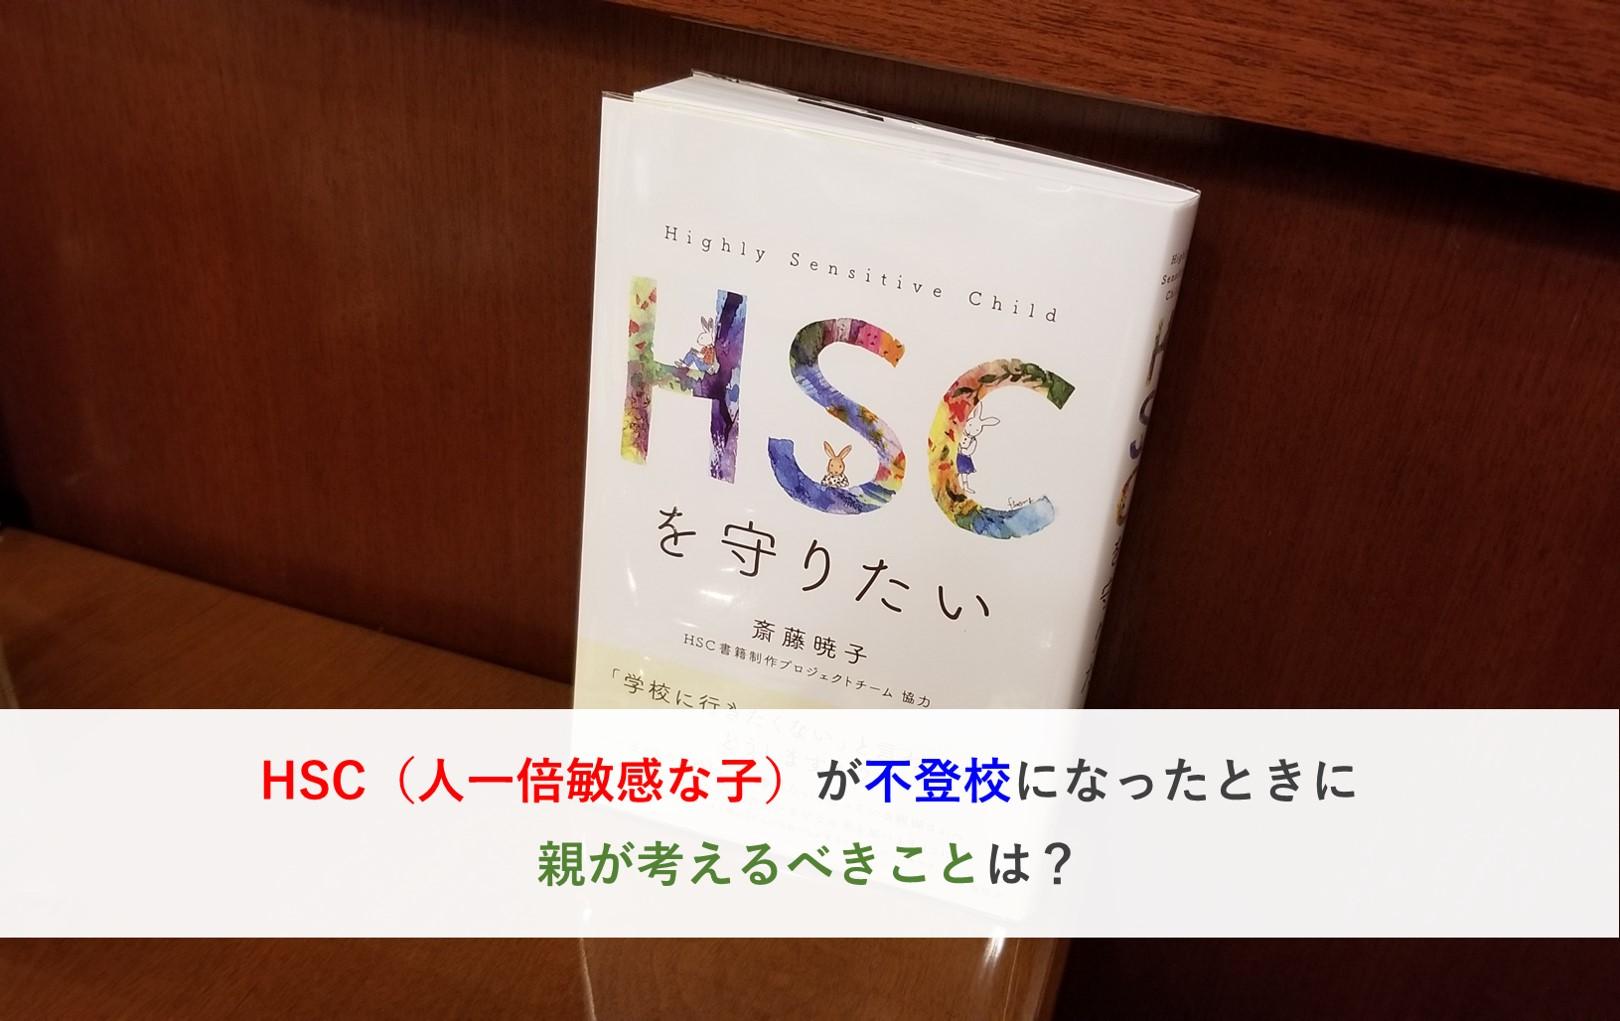 登校 hsc 不 新学期に注意したい不登校・引きこもりの一因となるHSCとその対応策とは?(石蔵文信)